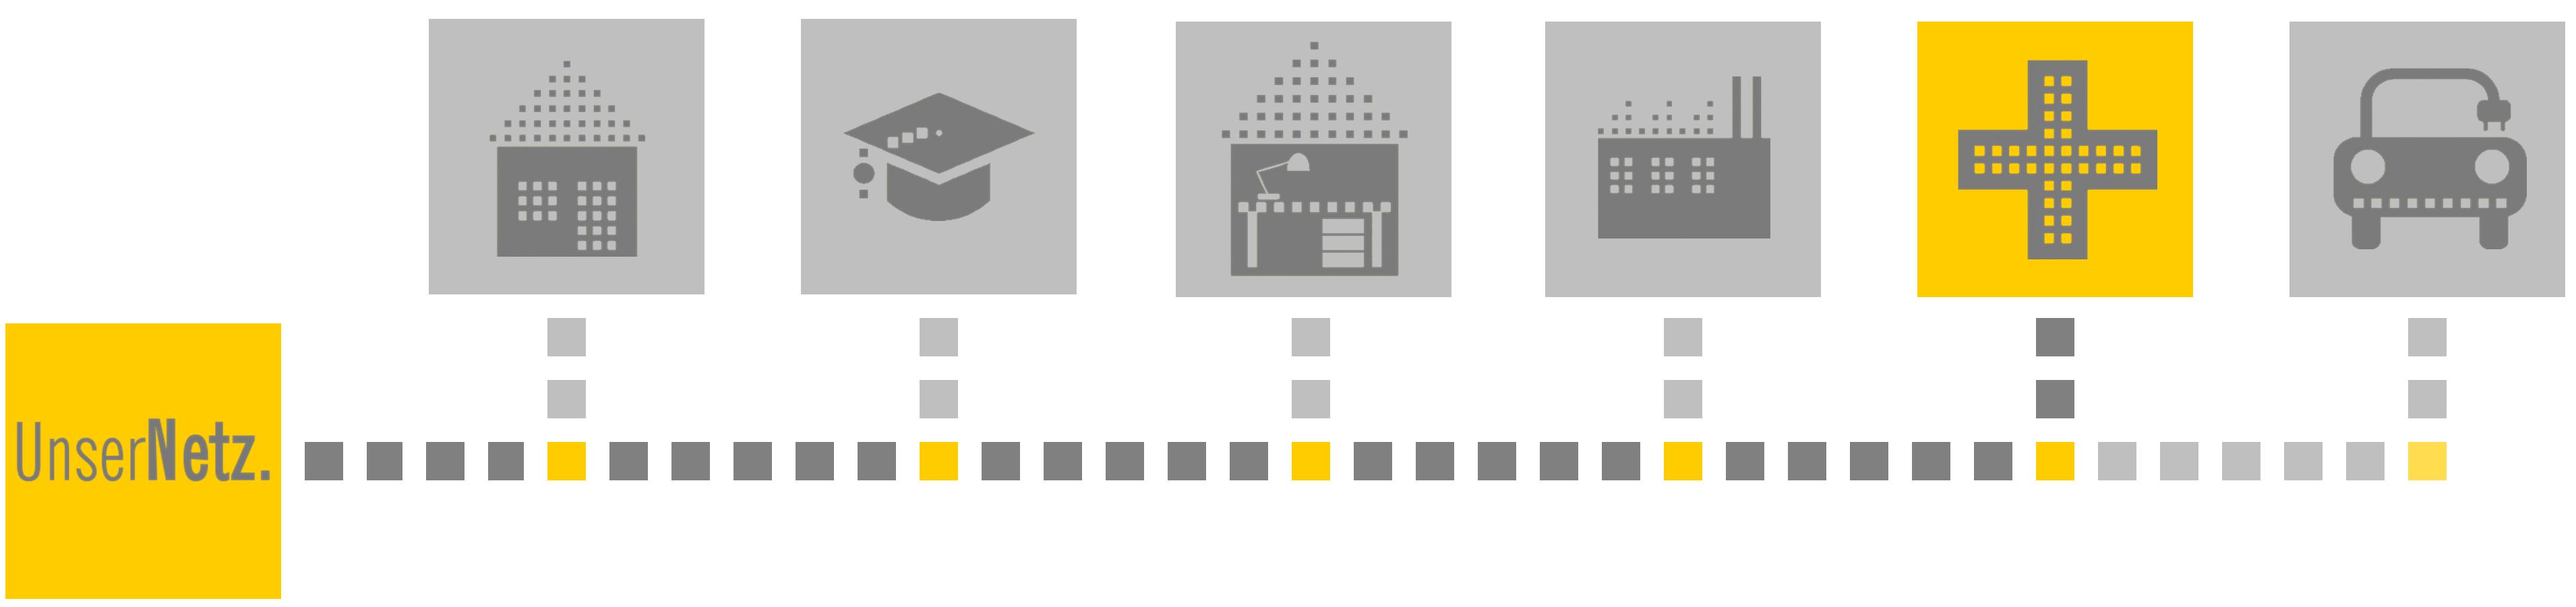 Icons-UnserNetz_Gesundheitswesen